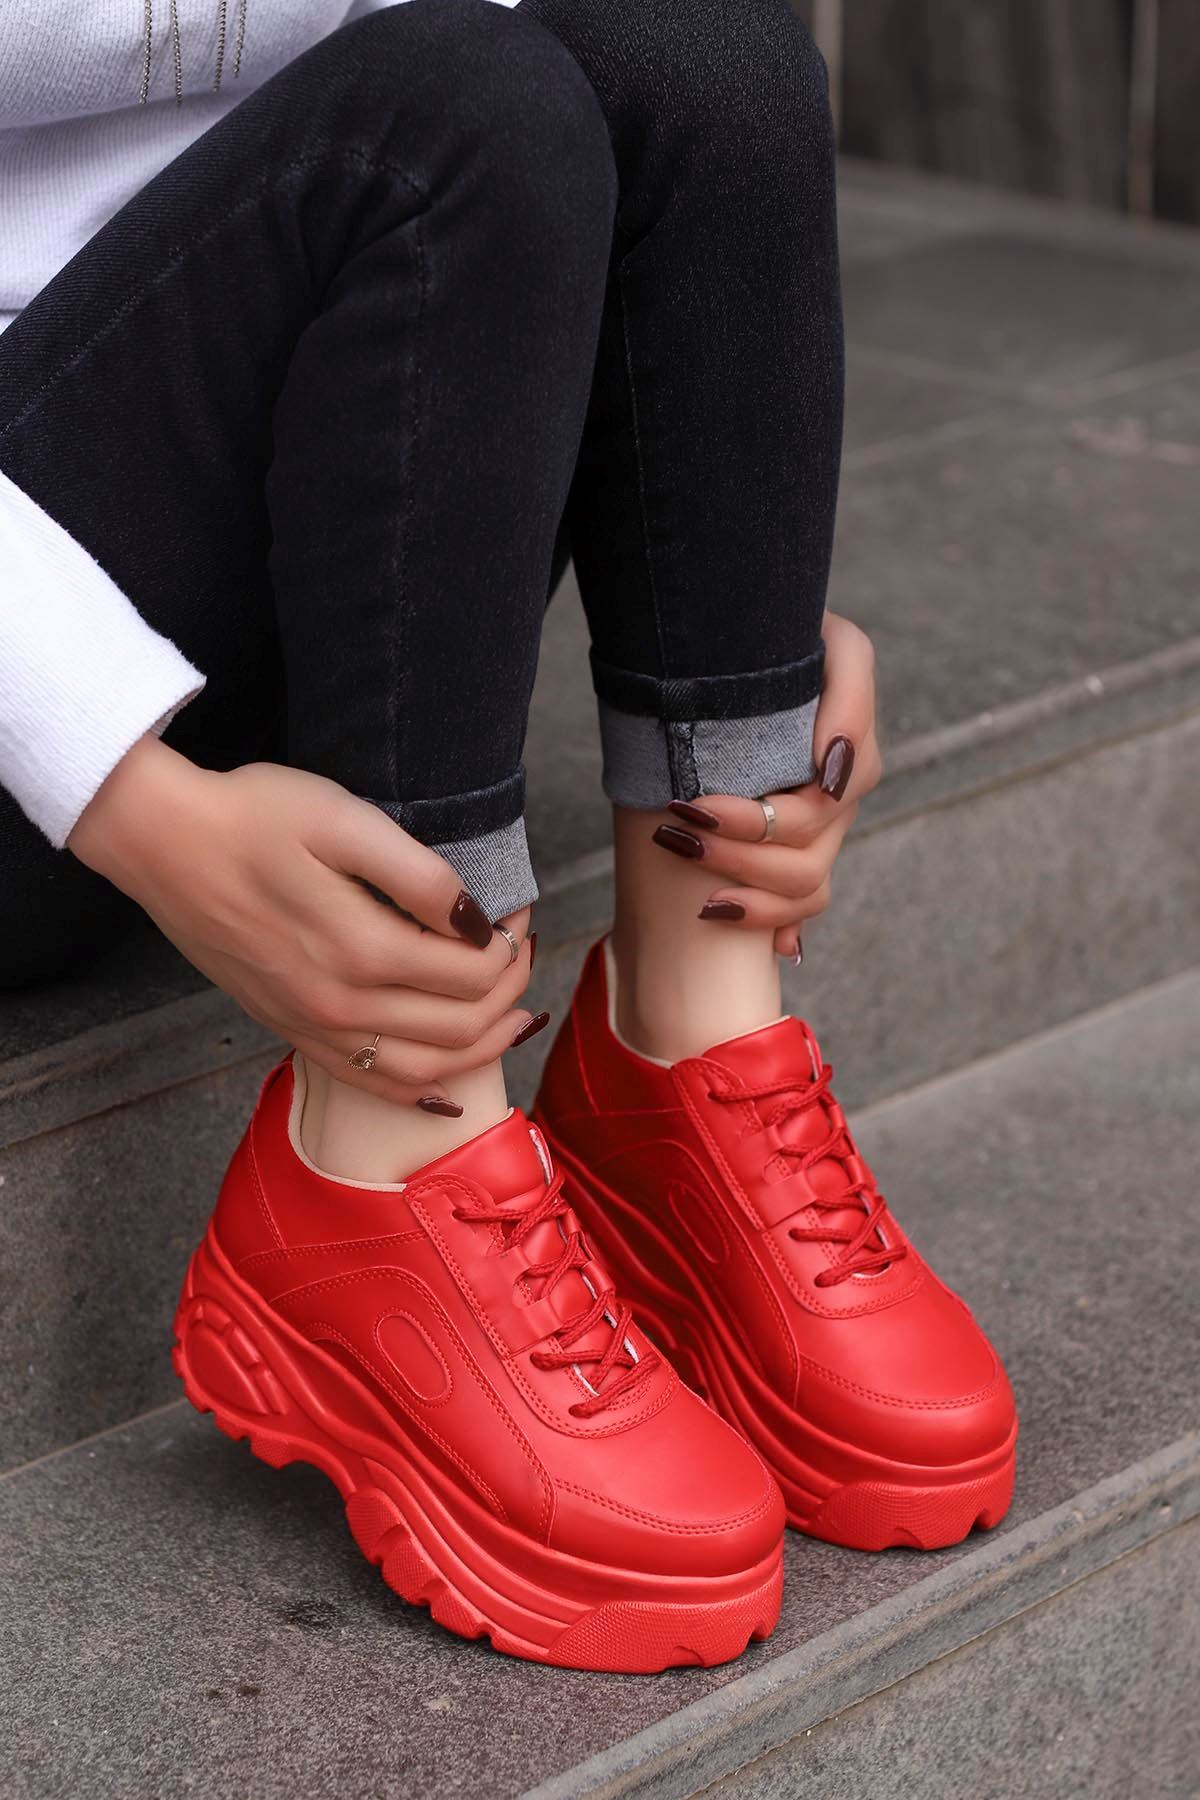 Peri Tabanlı Spor Ayakkabı Kırmızı Deri